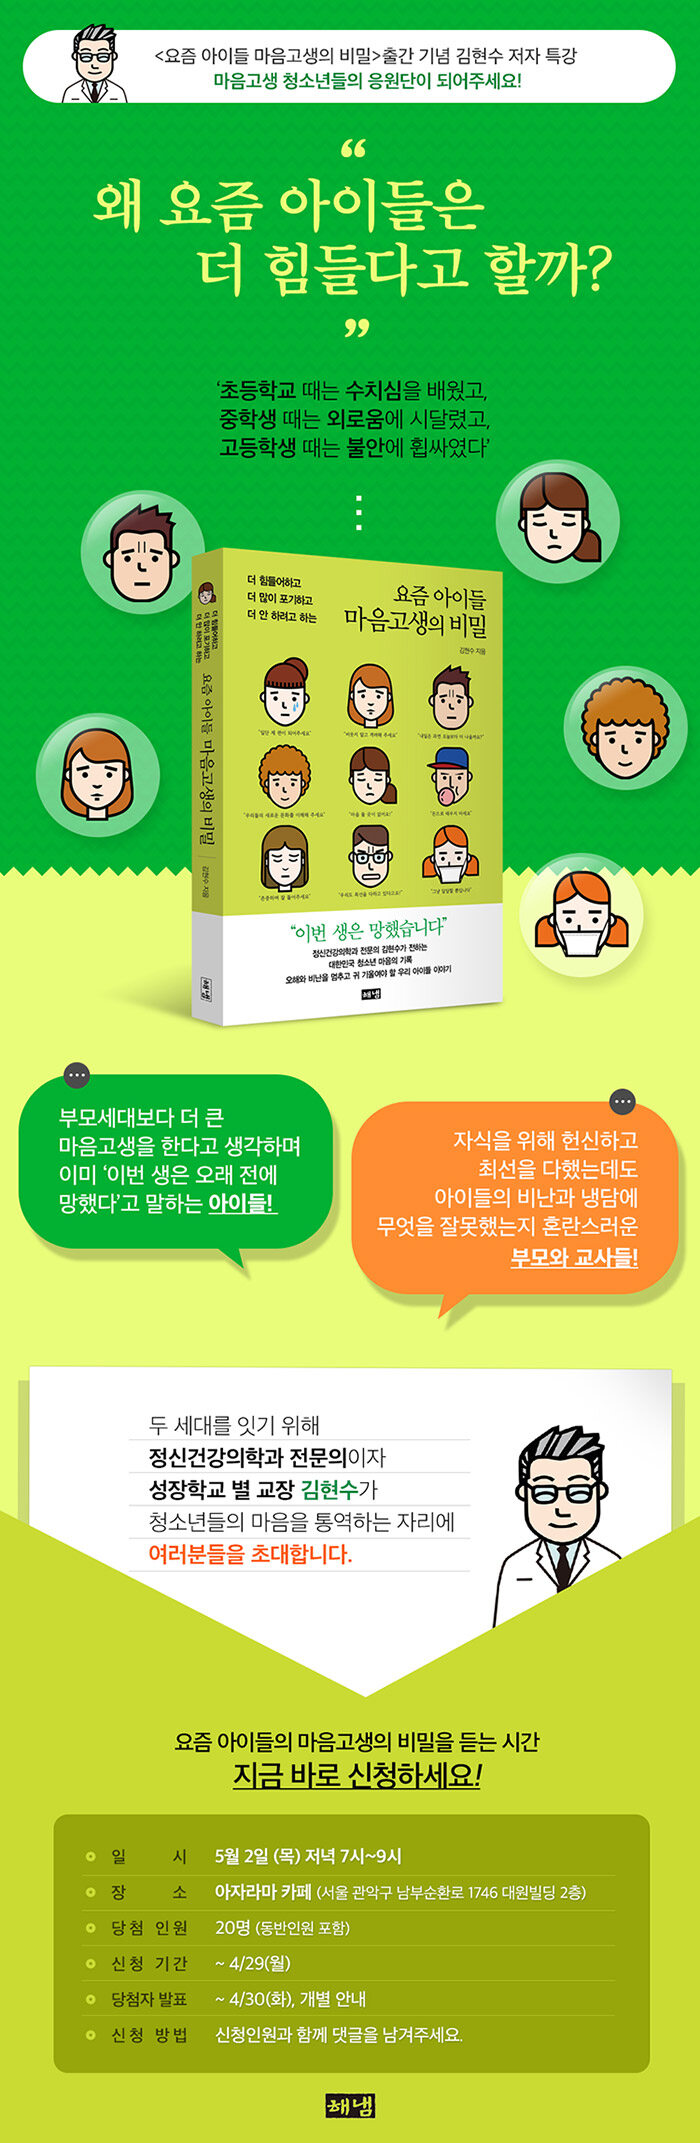 <요즘 아이들 마음고생의 비밀> 김현수 저자 특강